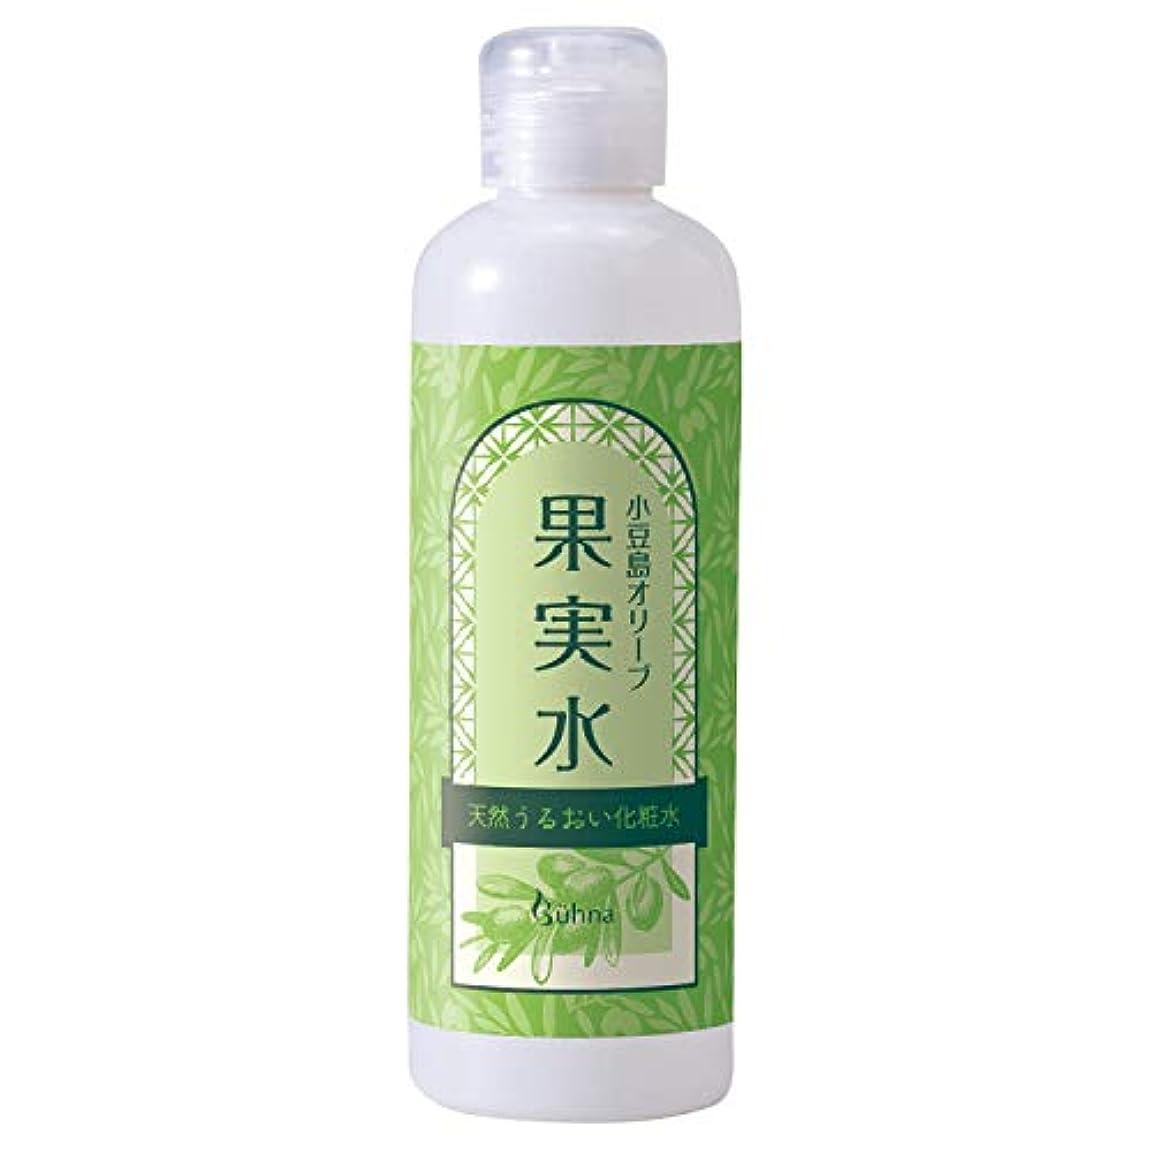 電圧海峡是正するビューナ 小豆島オリーブ果実水 化粧水 保湿 オリーブオイル 無着色 アルコールフリー パラベンフリー 合成香料不使用